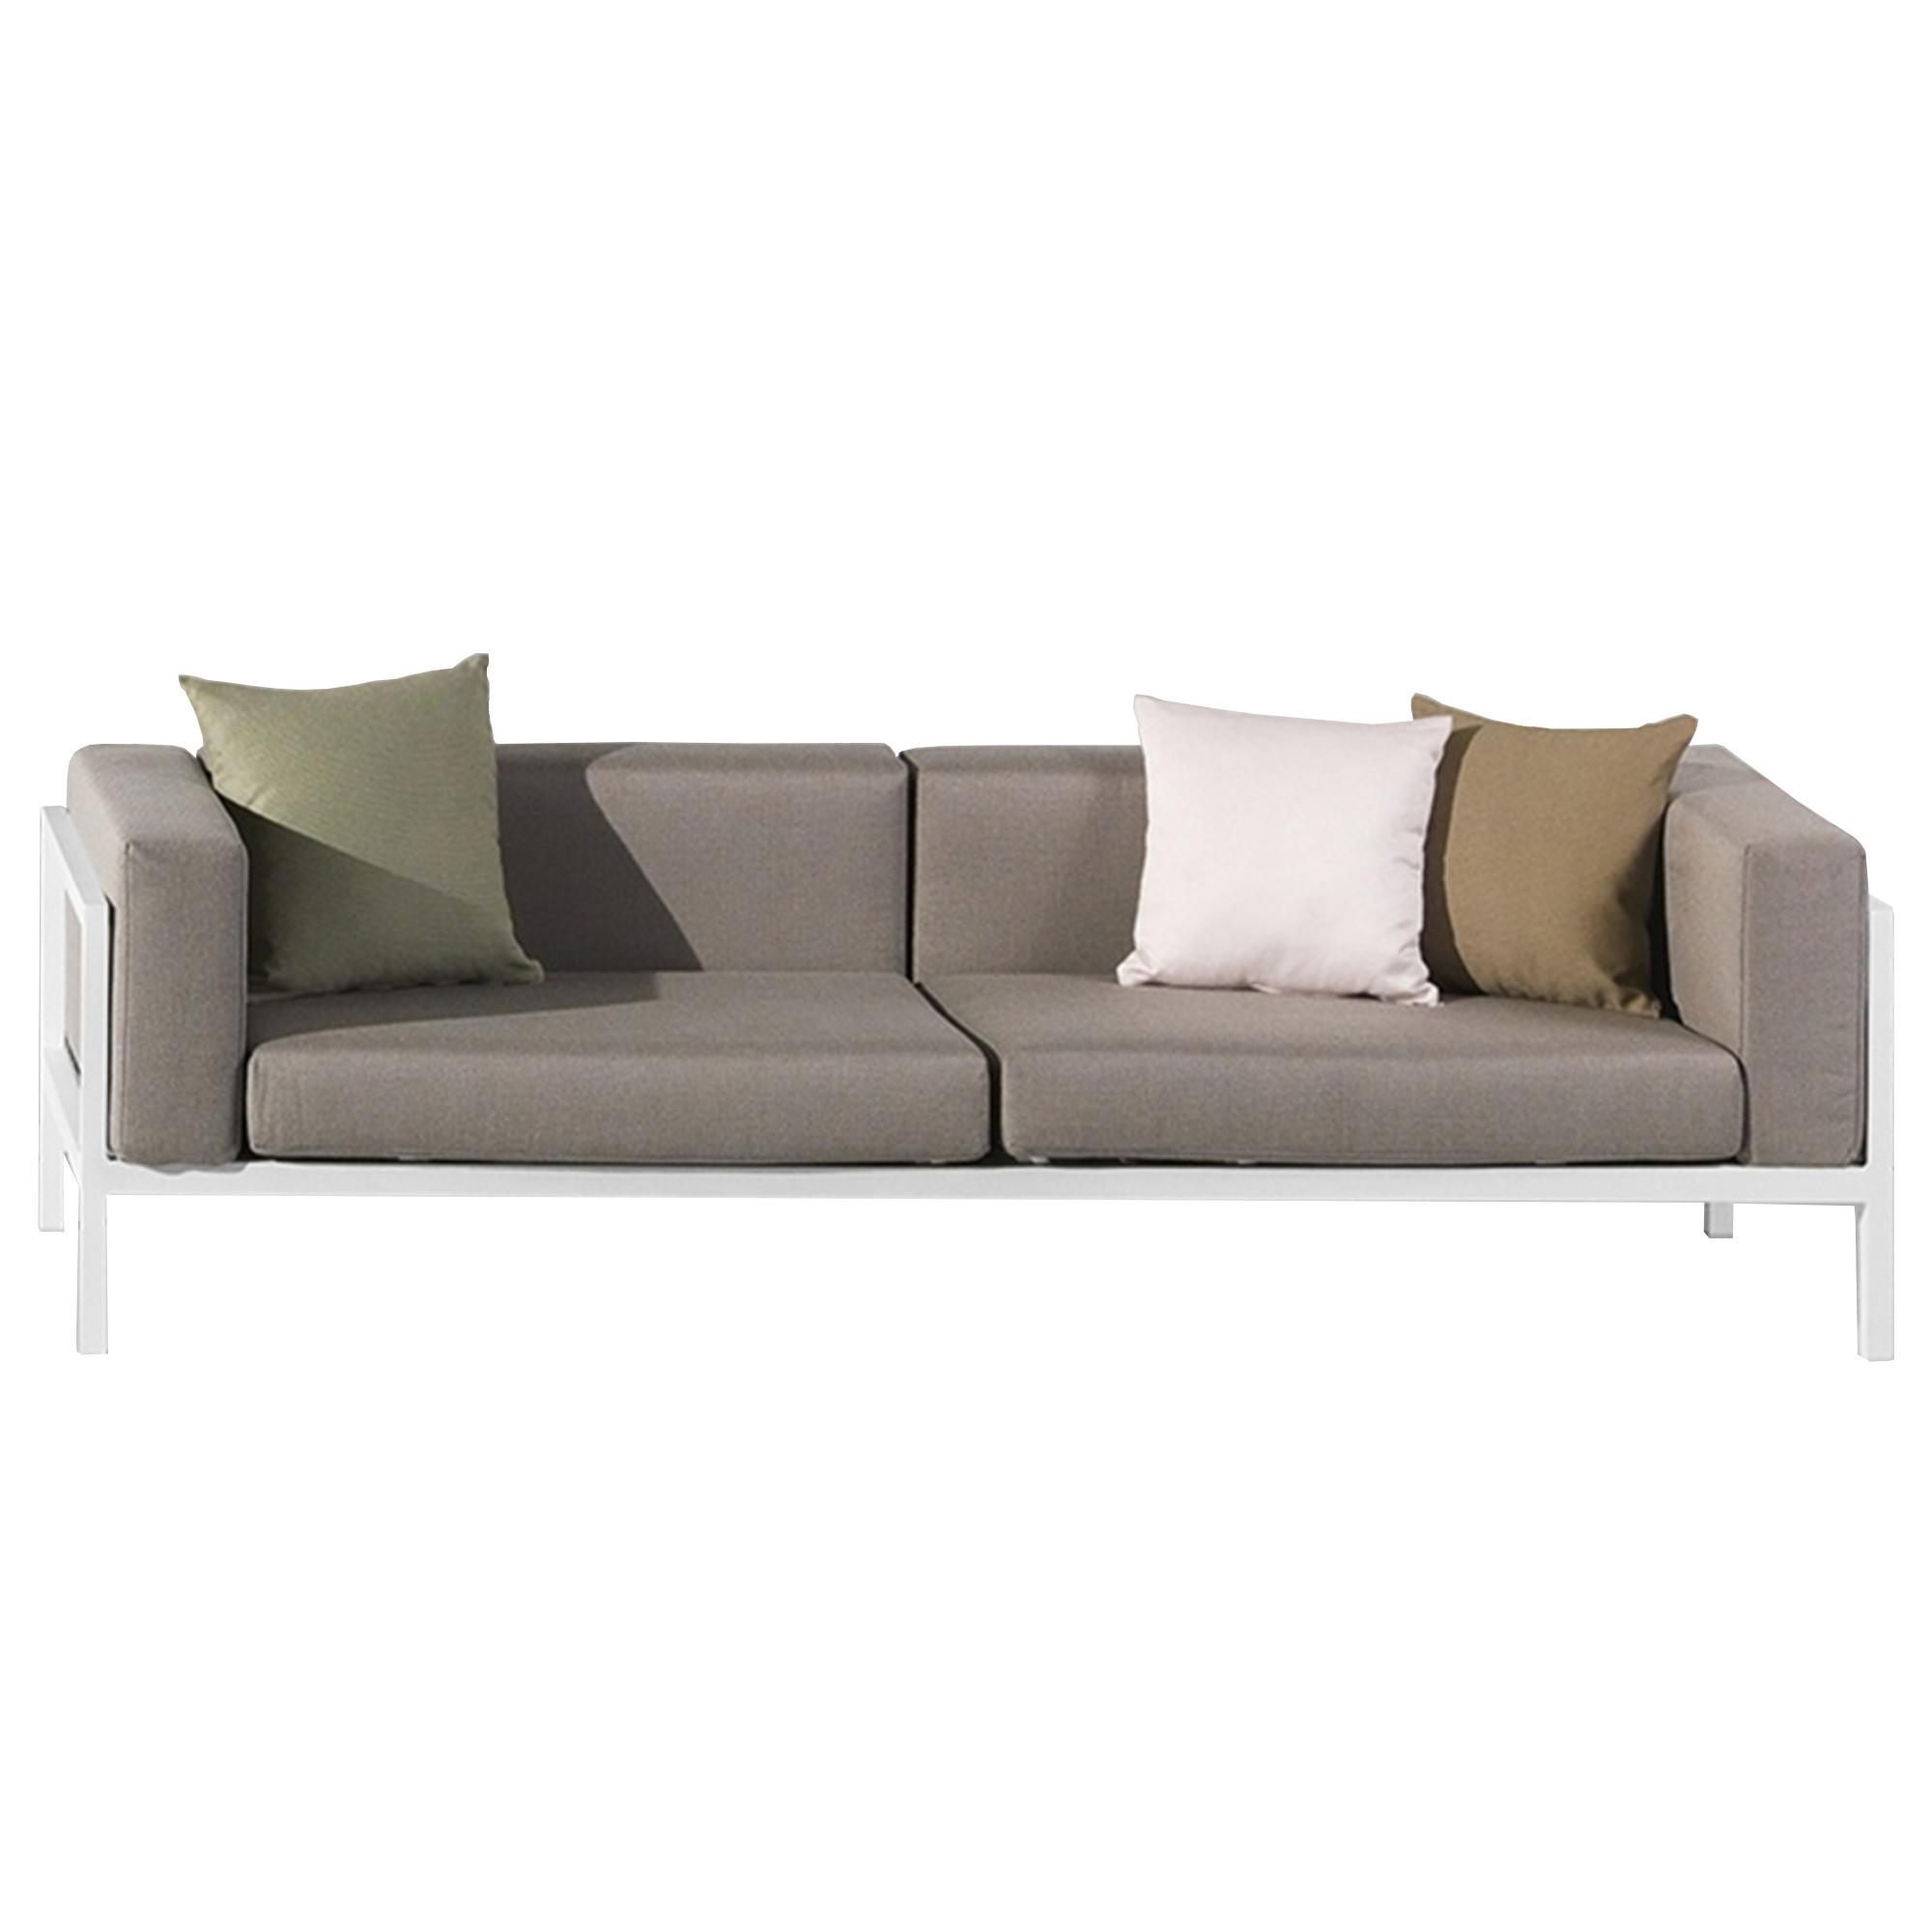 Landscape Xl Sofa By Kettal